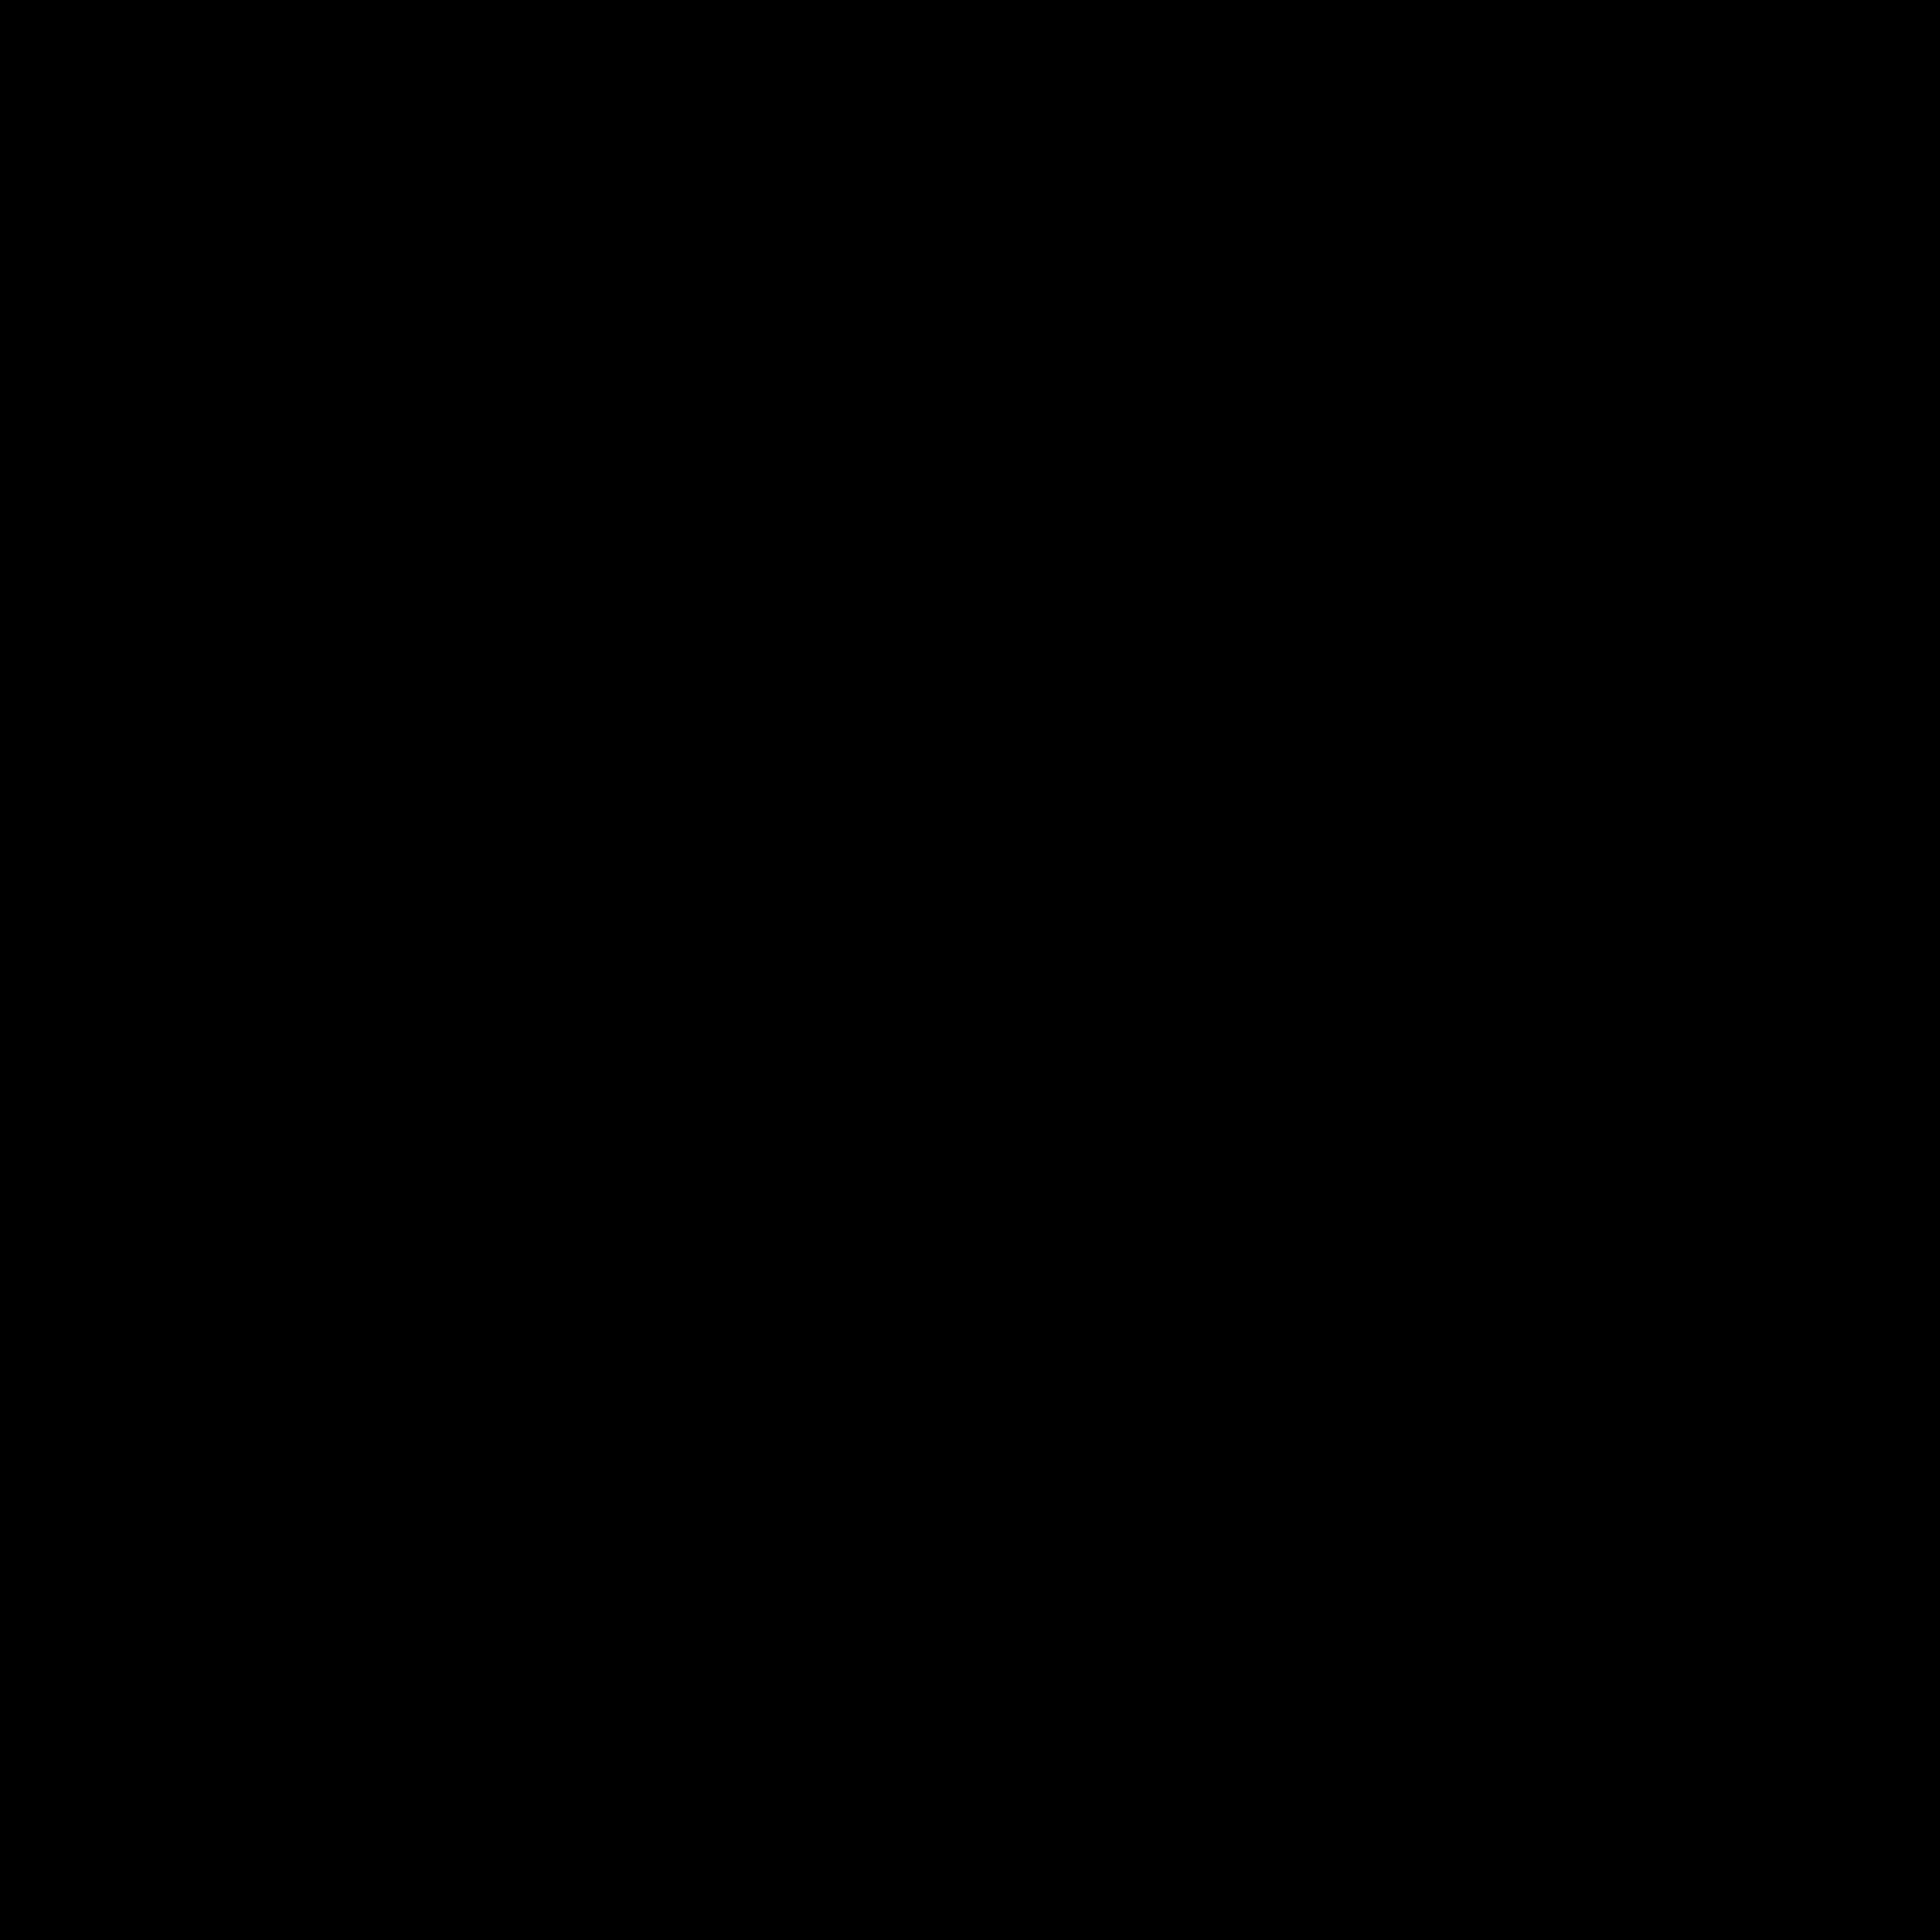 علاج ارتفاع ضغط الدم وأدوية ضغط الدم وأدوية انخفاض ضغط الدم